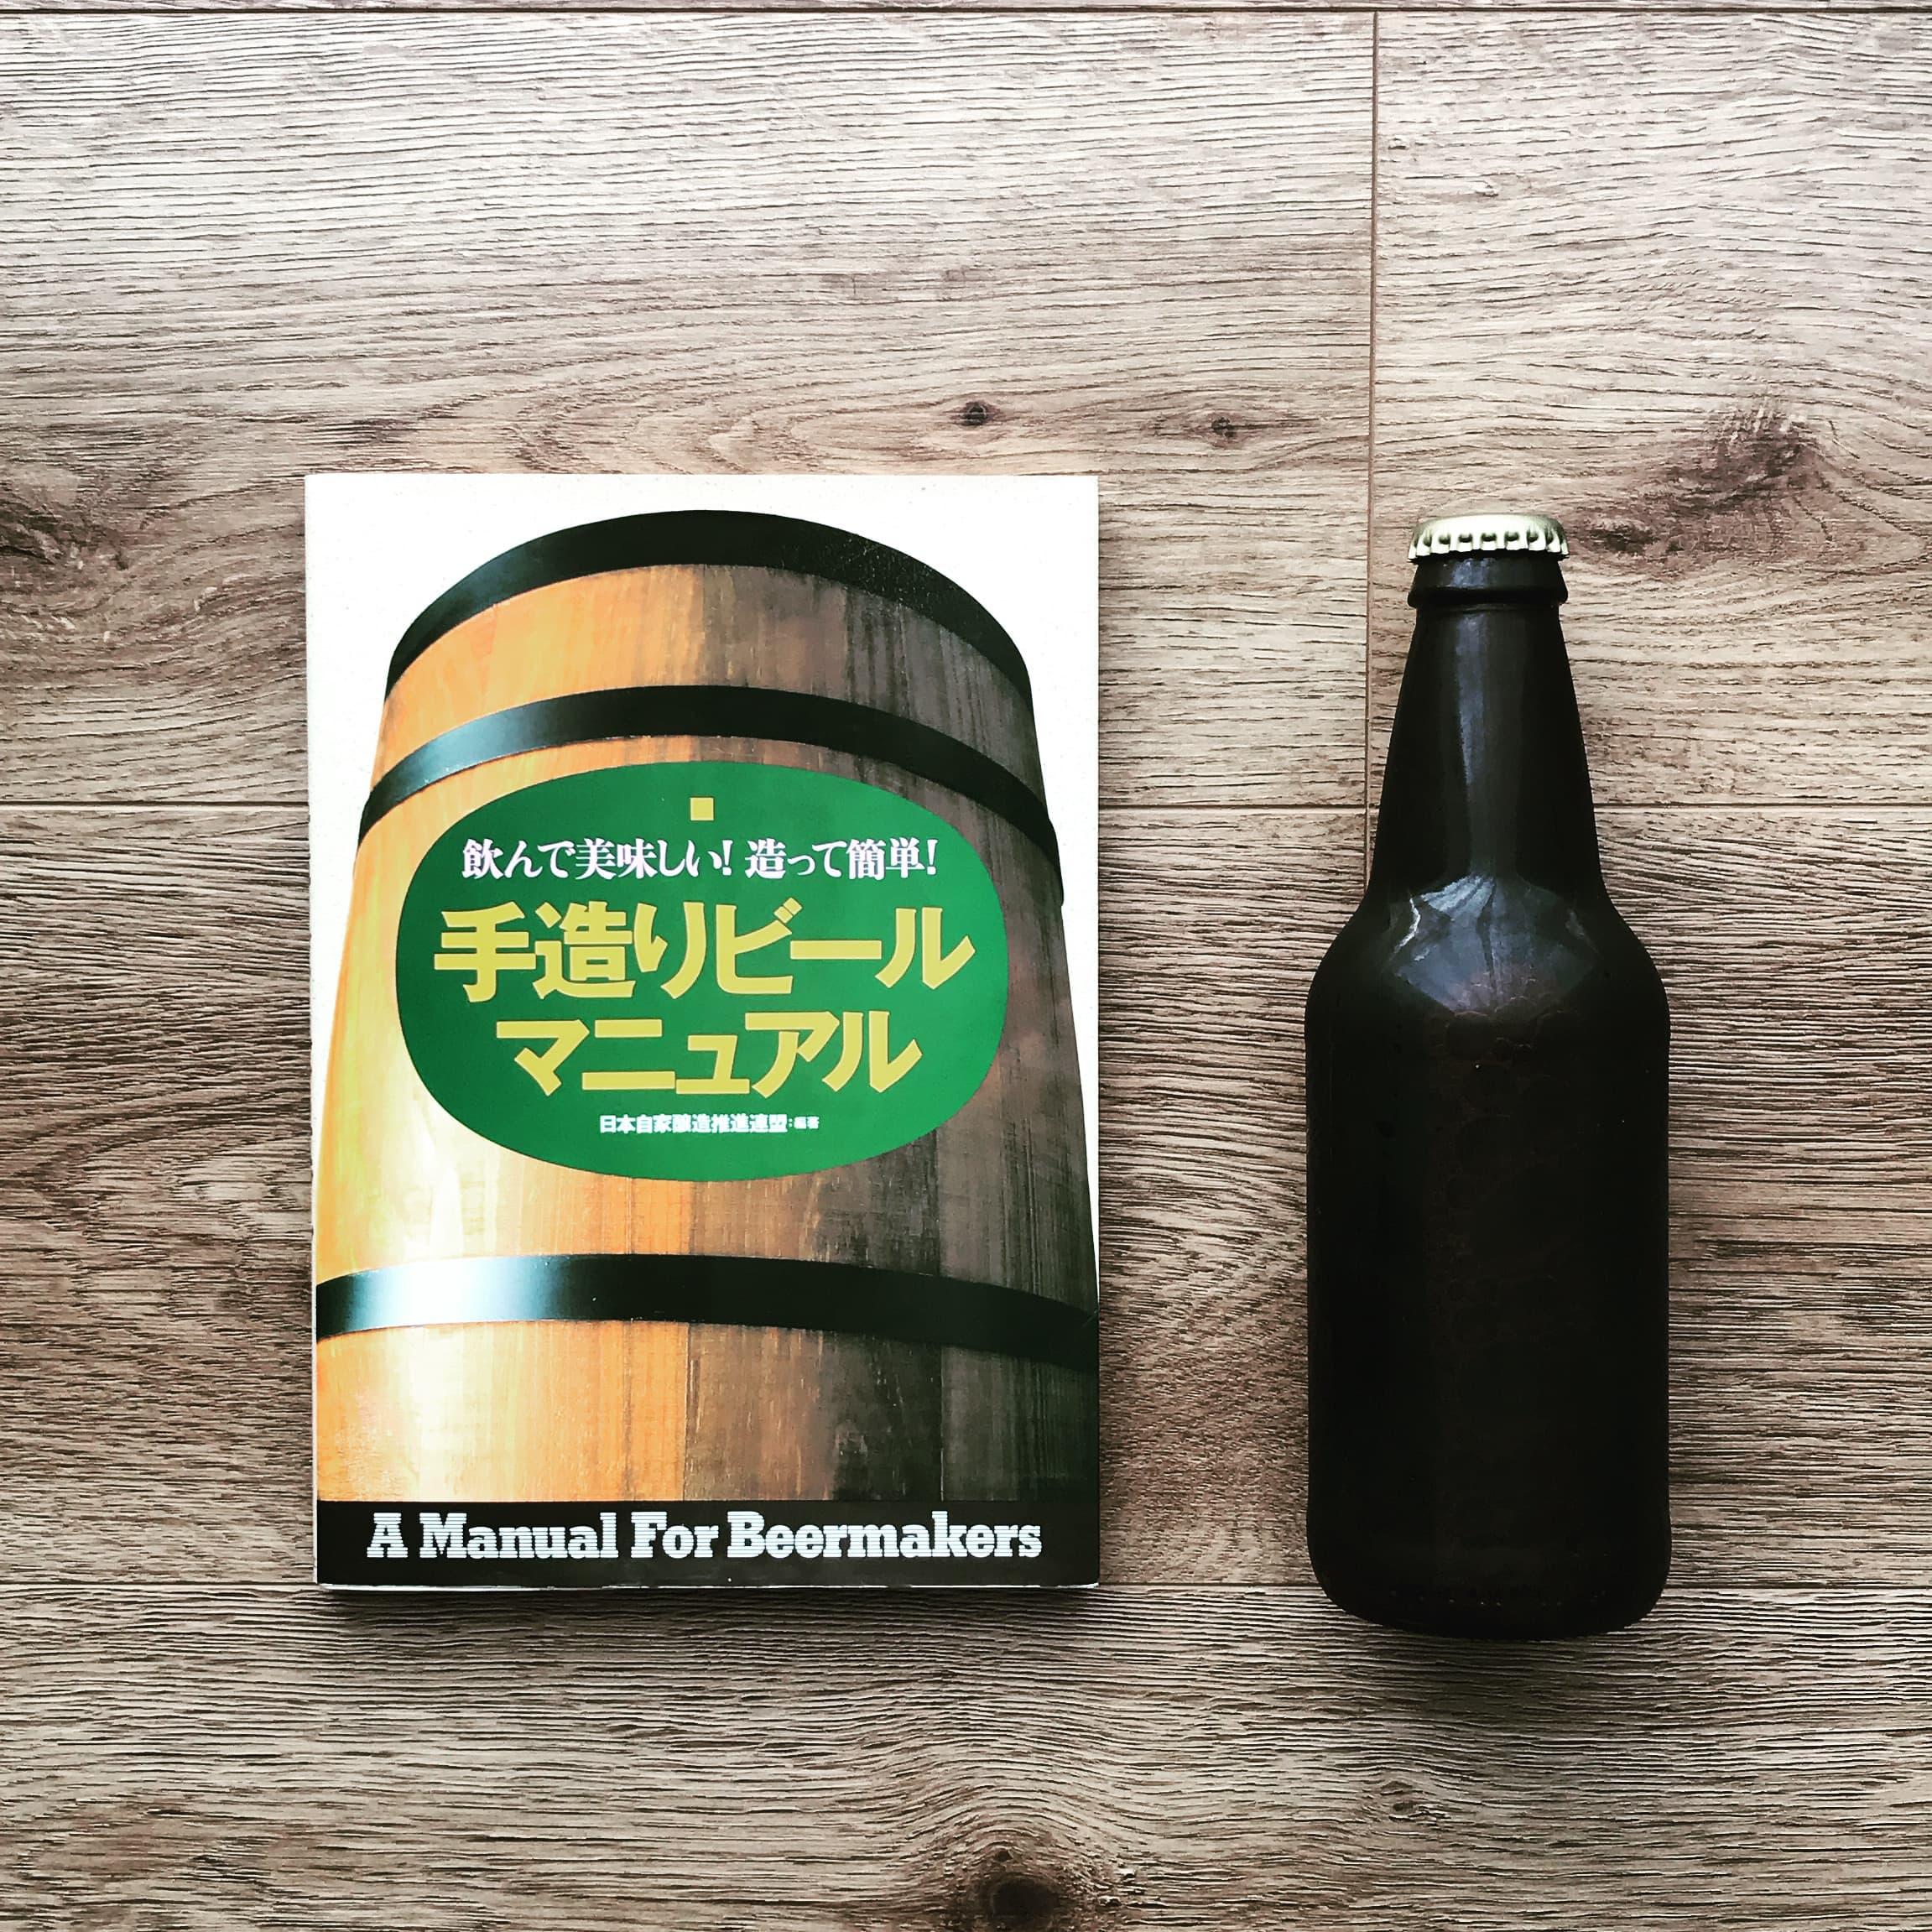 手造りビールマニュアルの写真